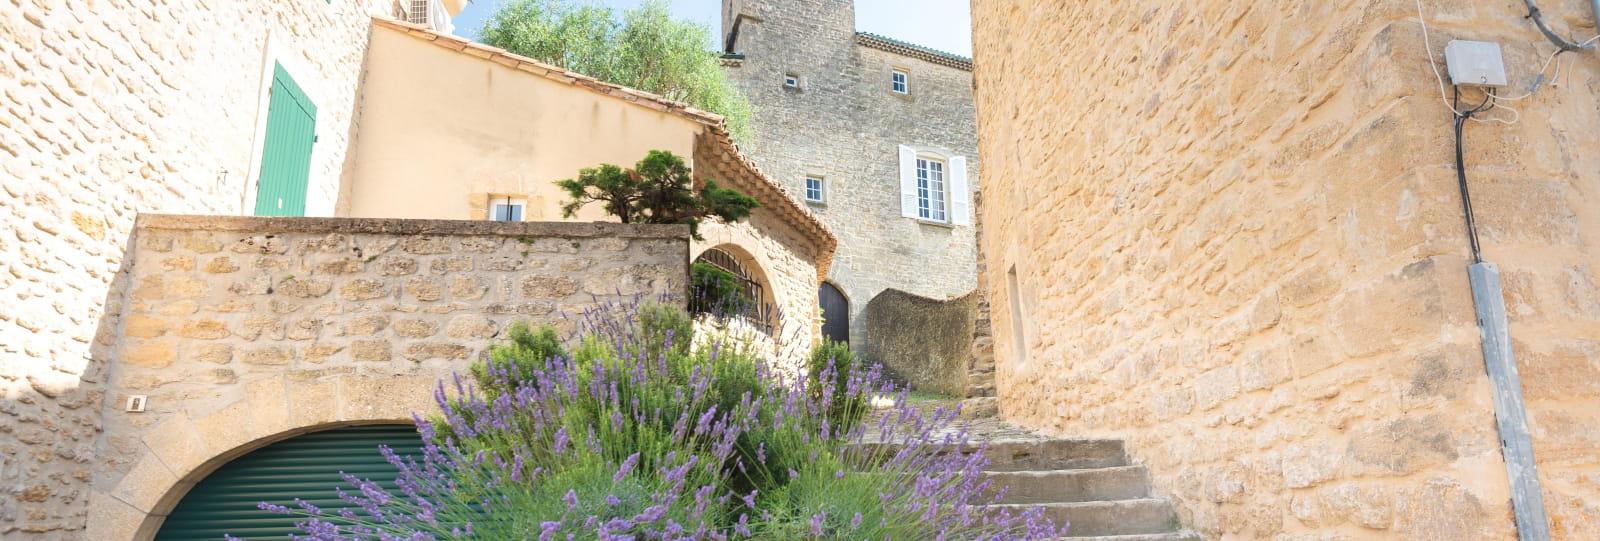 Le village d'Etoile-sur-Rhône